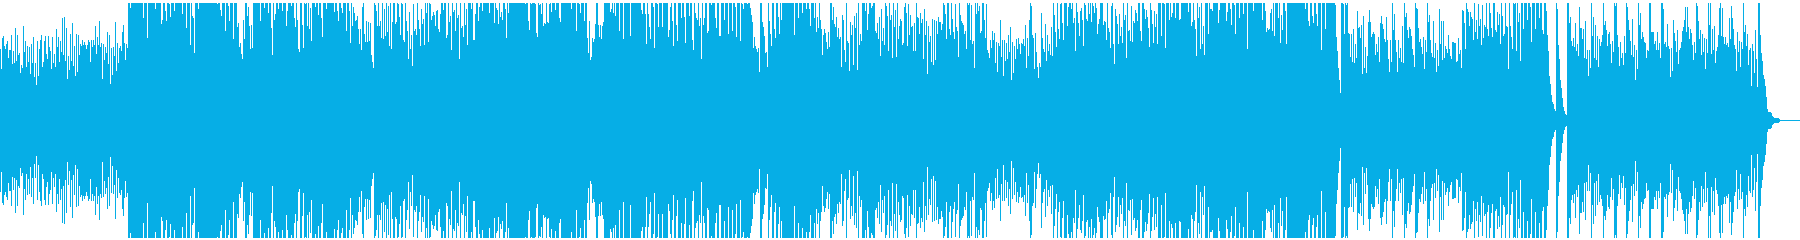 チェンバロの再生済みの波形